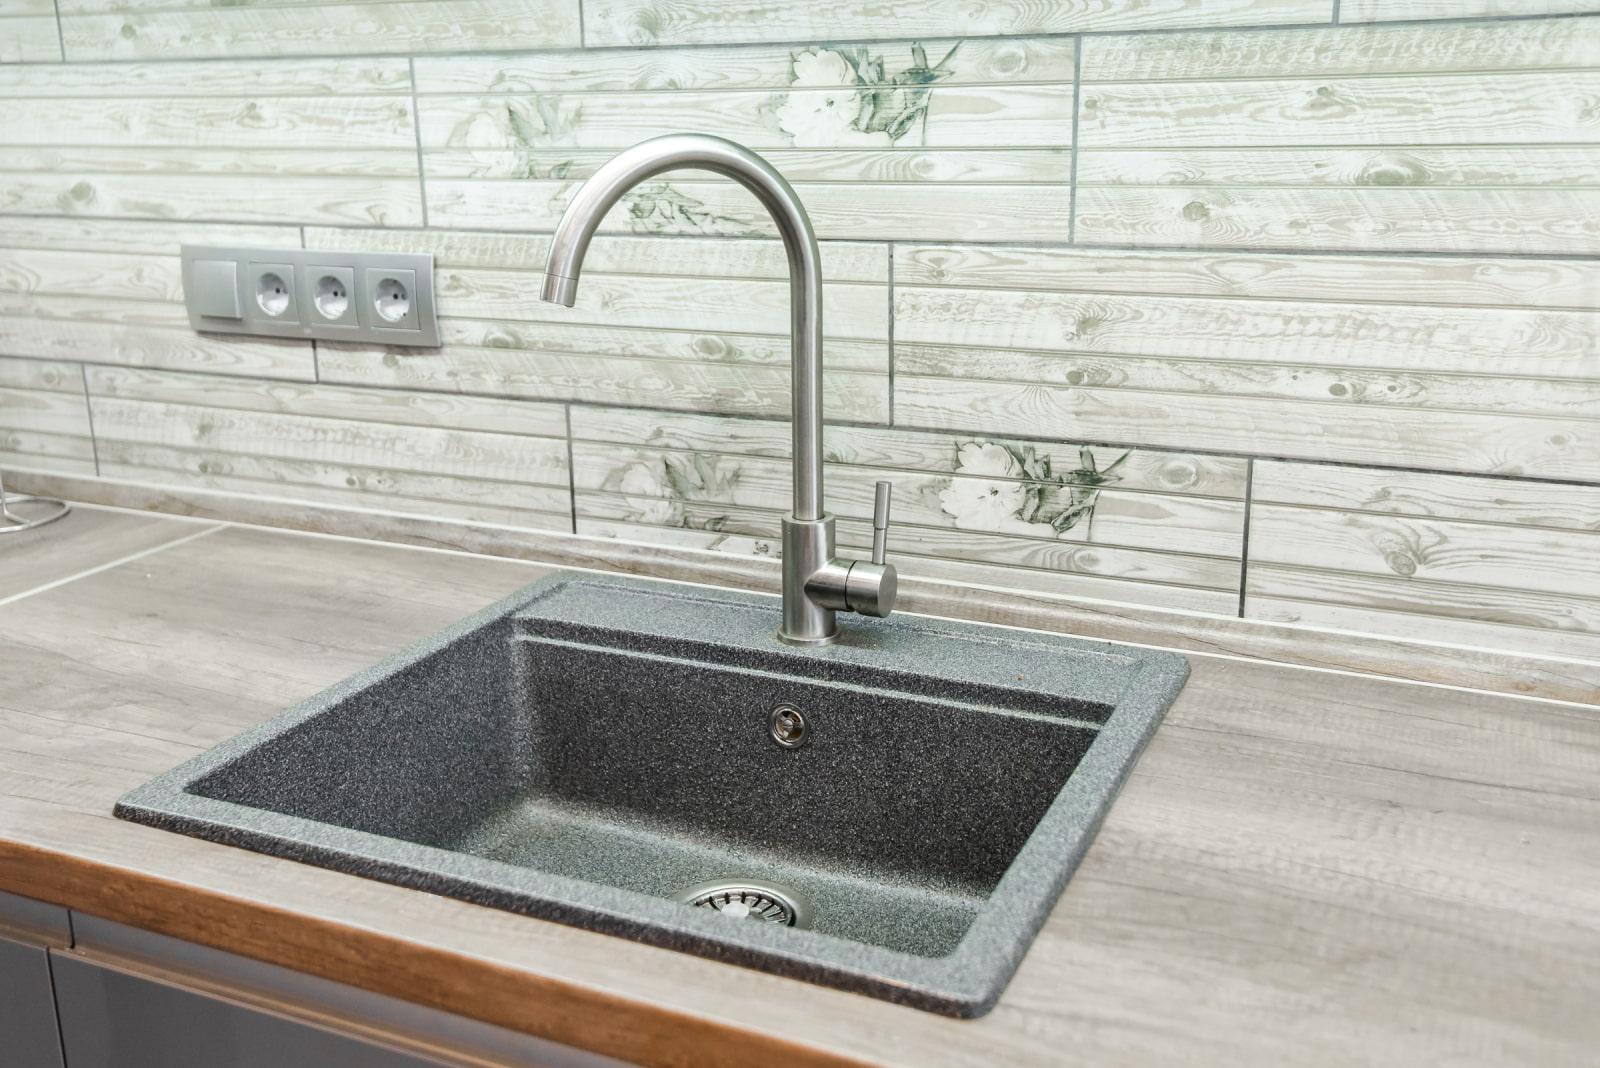 Как выбрать кухонную мойку из искусственного камня? Плюсы и минусы, фото, виды, формы.